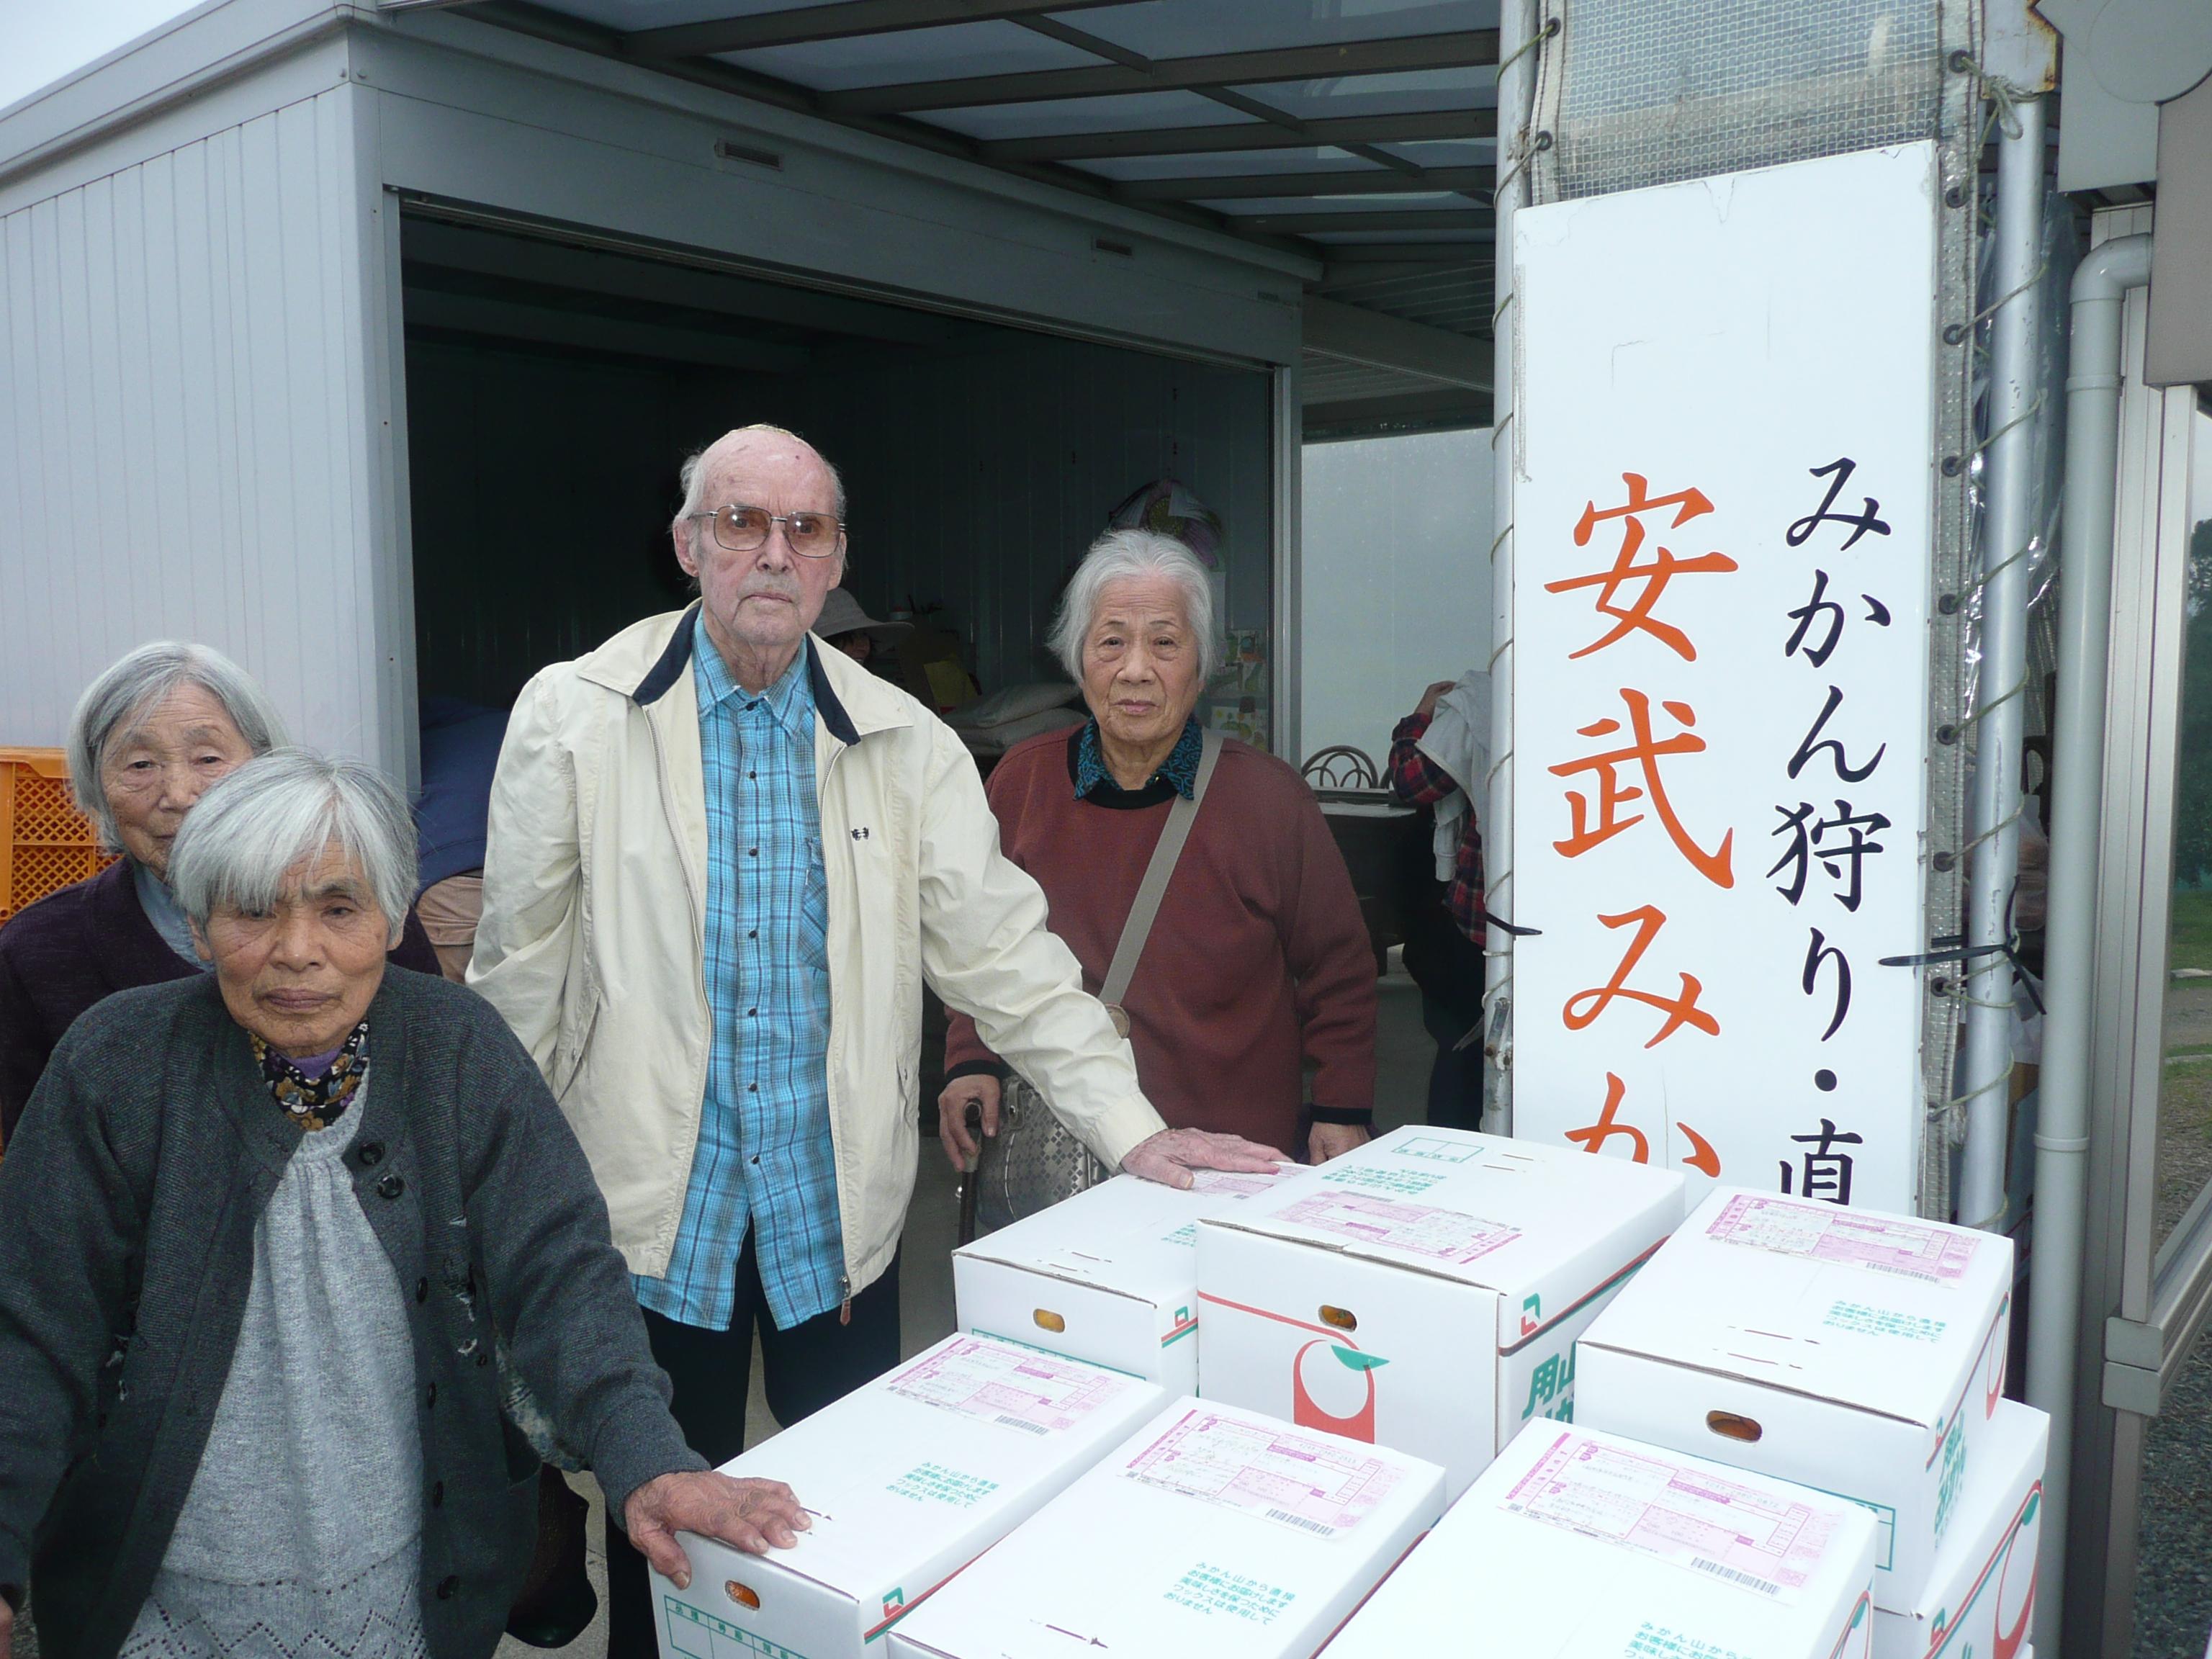 http://kitatikuzen.net/blog/P1380191.JPG